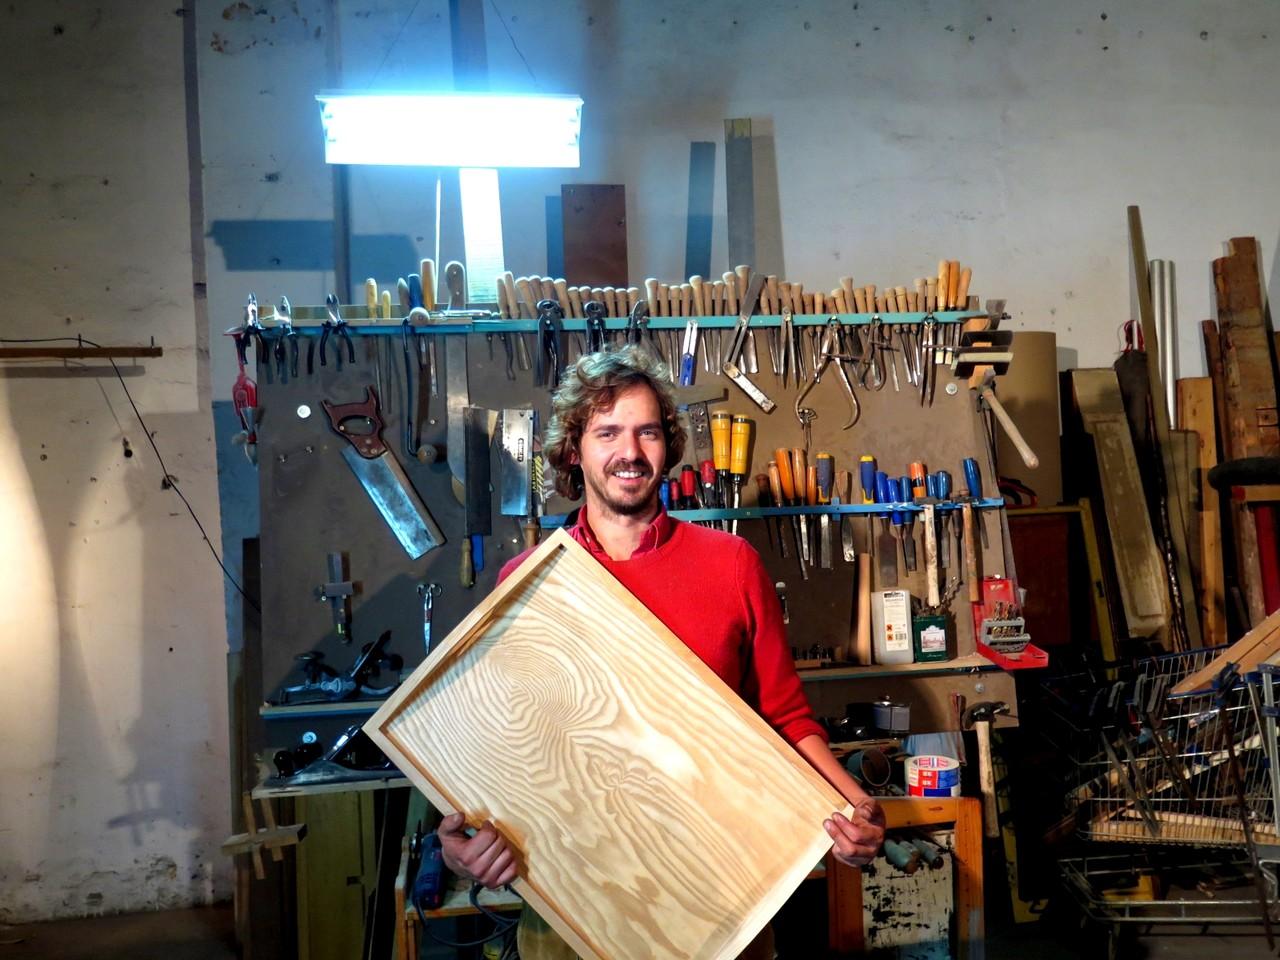 Tomás Viana e o tabuleiro